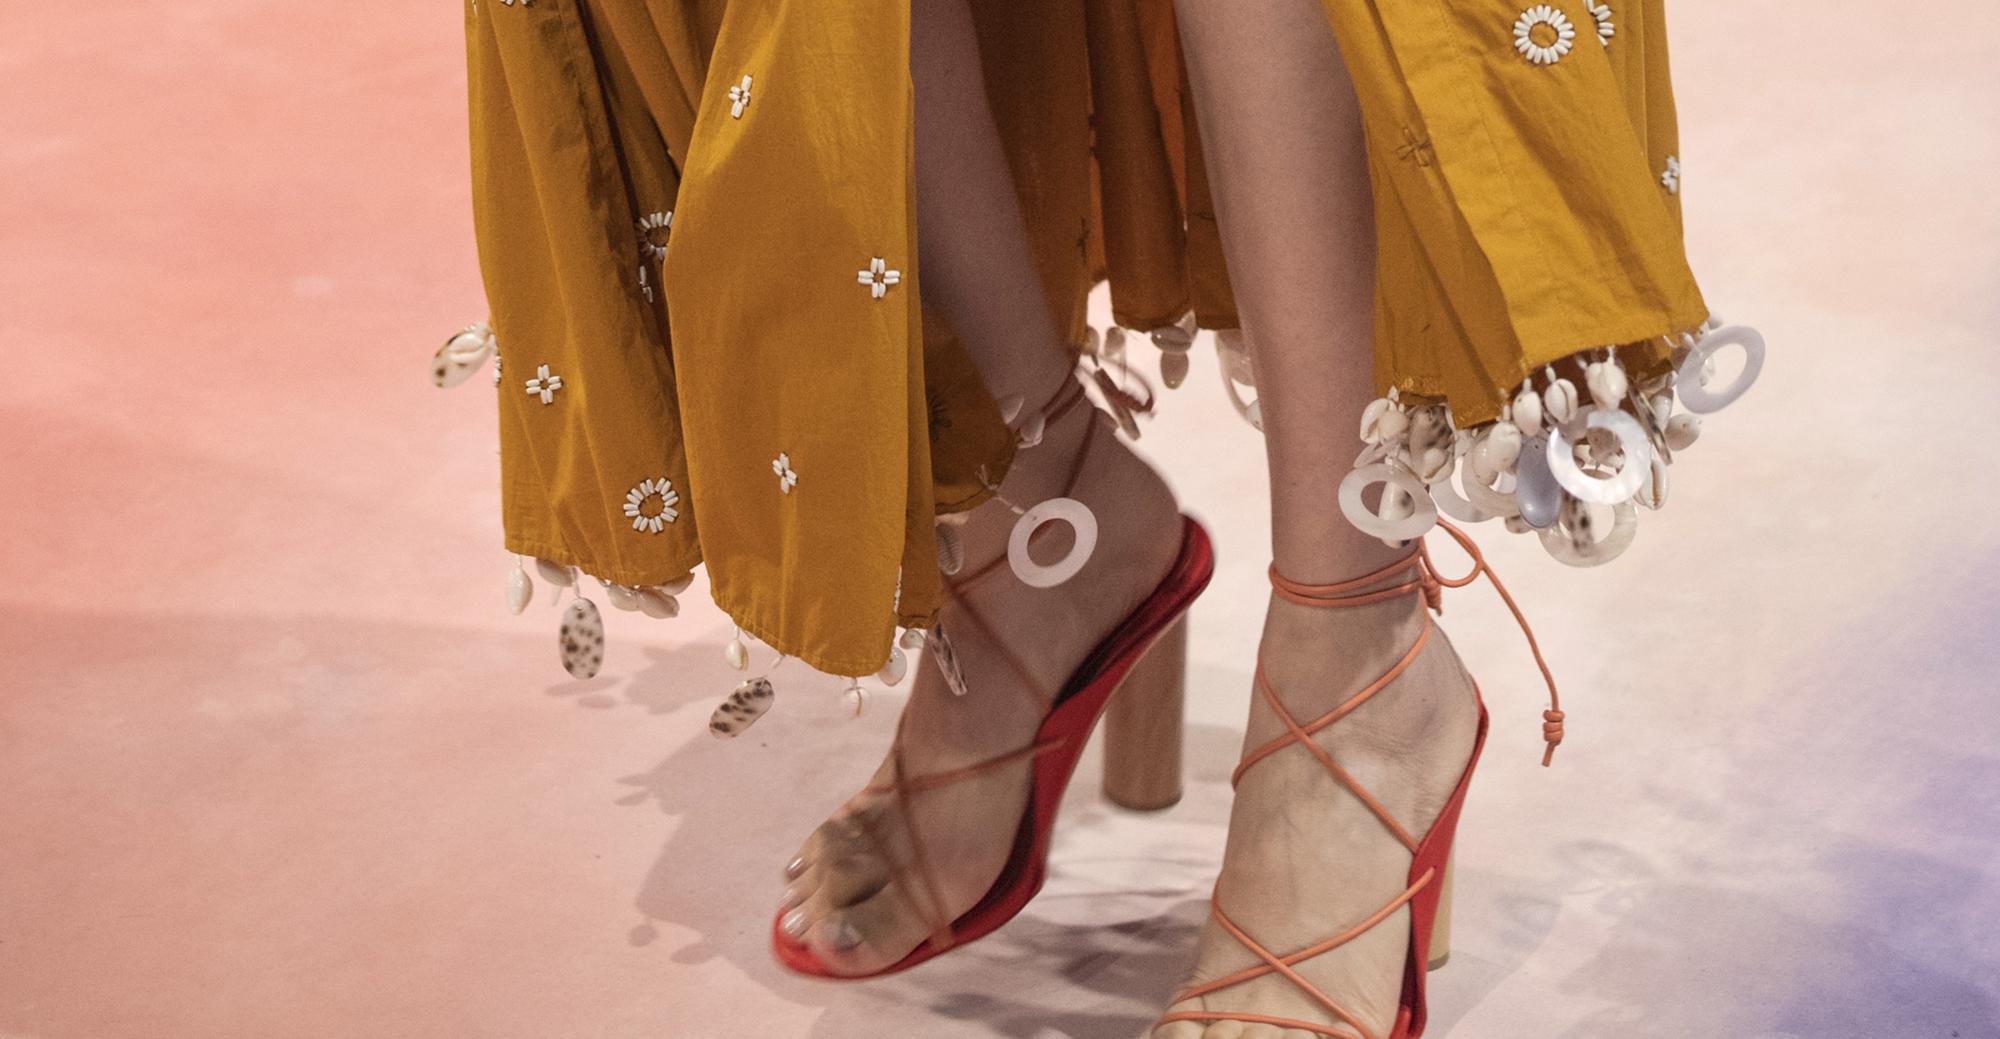 Le scarpe della Primavera Estate 2020 sono già qui, fresche fresche di sfilate dalle fashion week